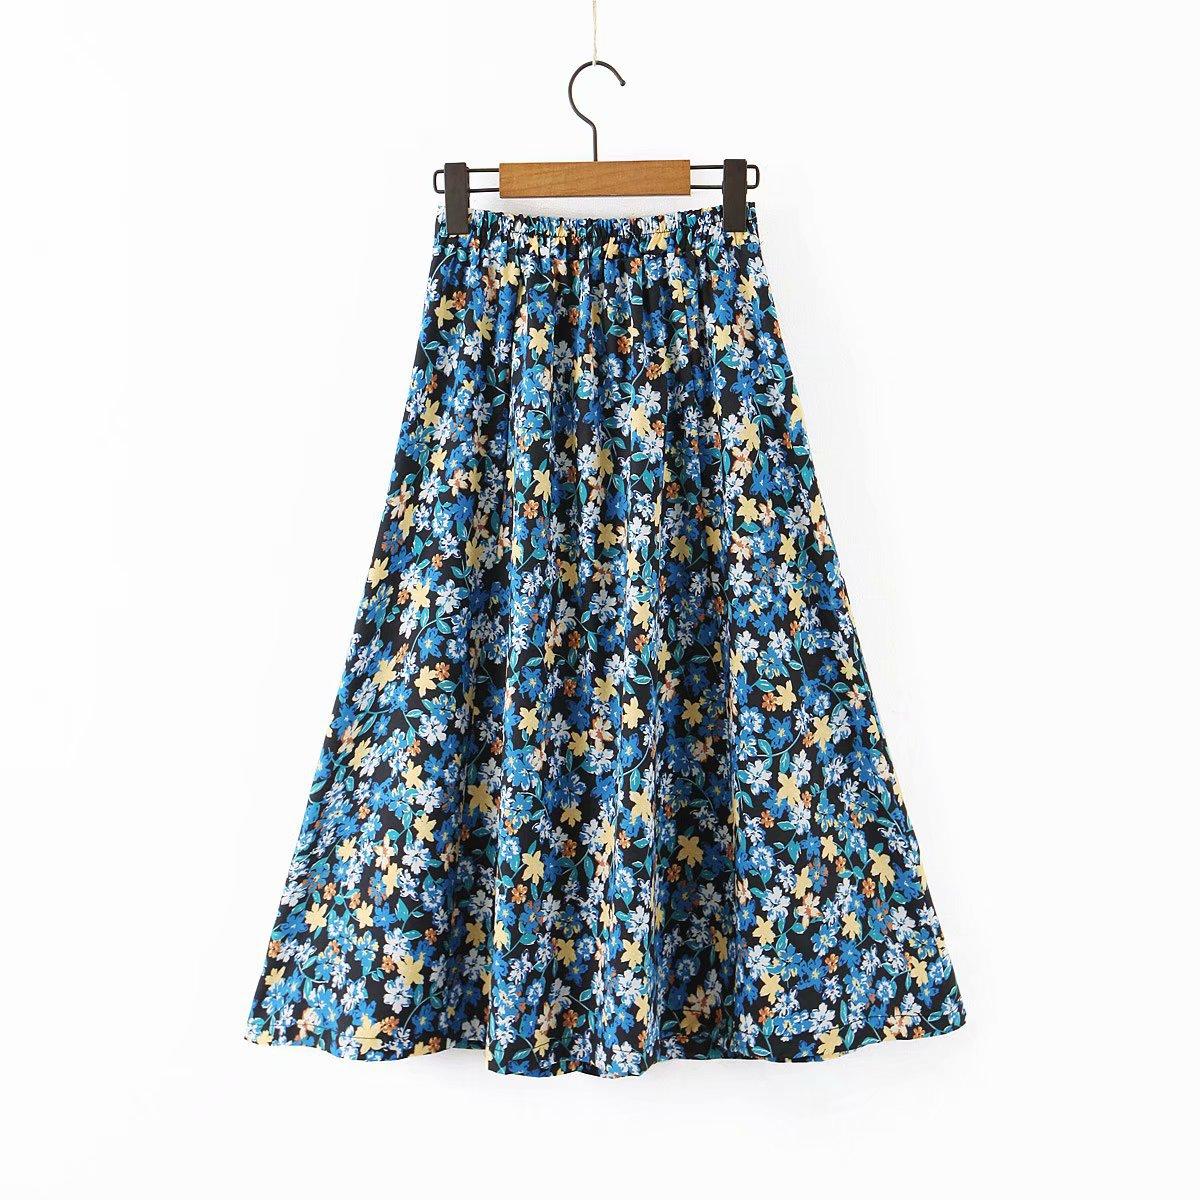 Las mujeres Retro Floral patrón Maxi elástico de la cintura falda de una línea botón decorado mujer Casual elegante faldas de media pierna